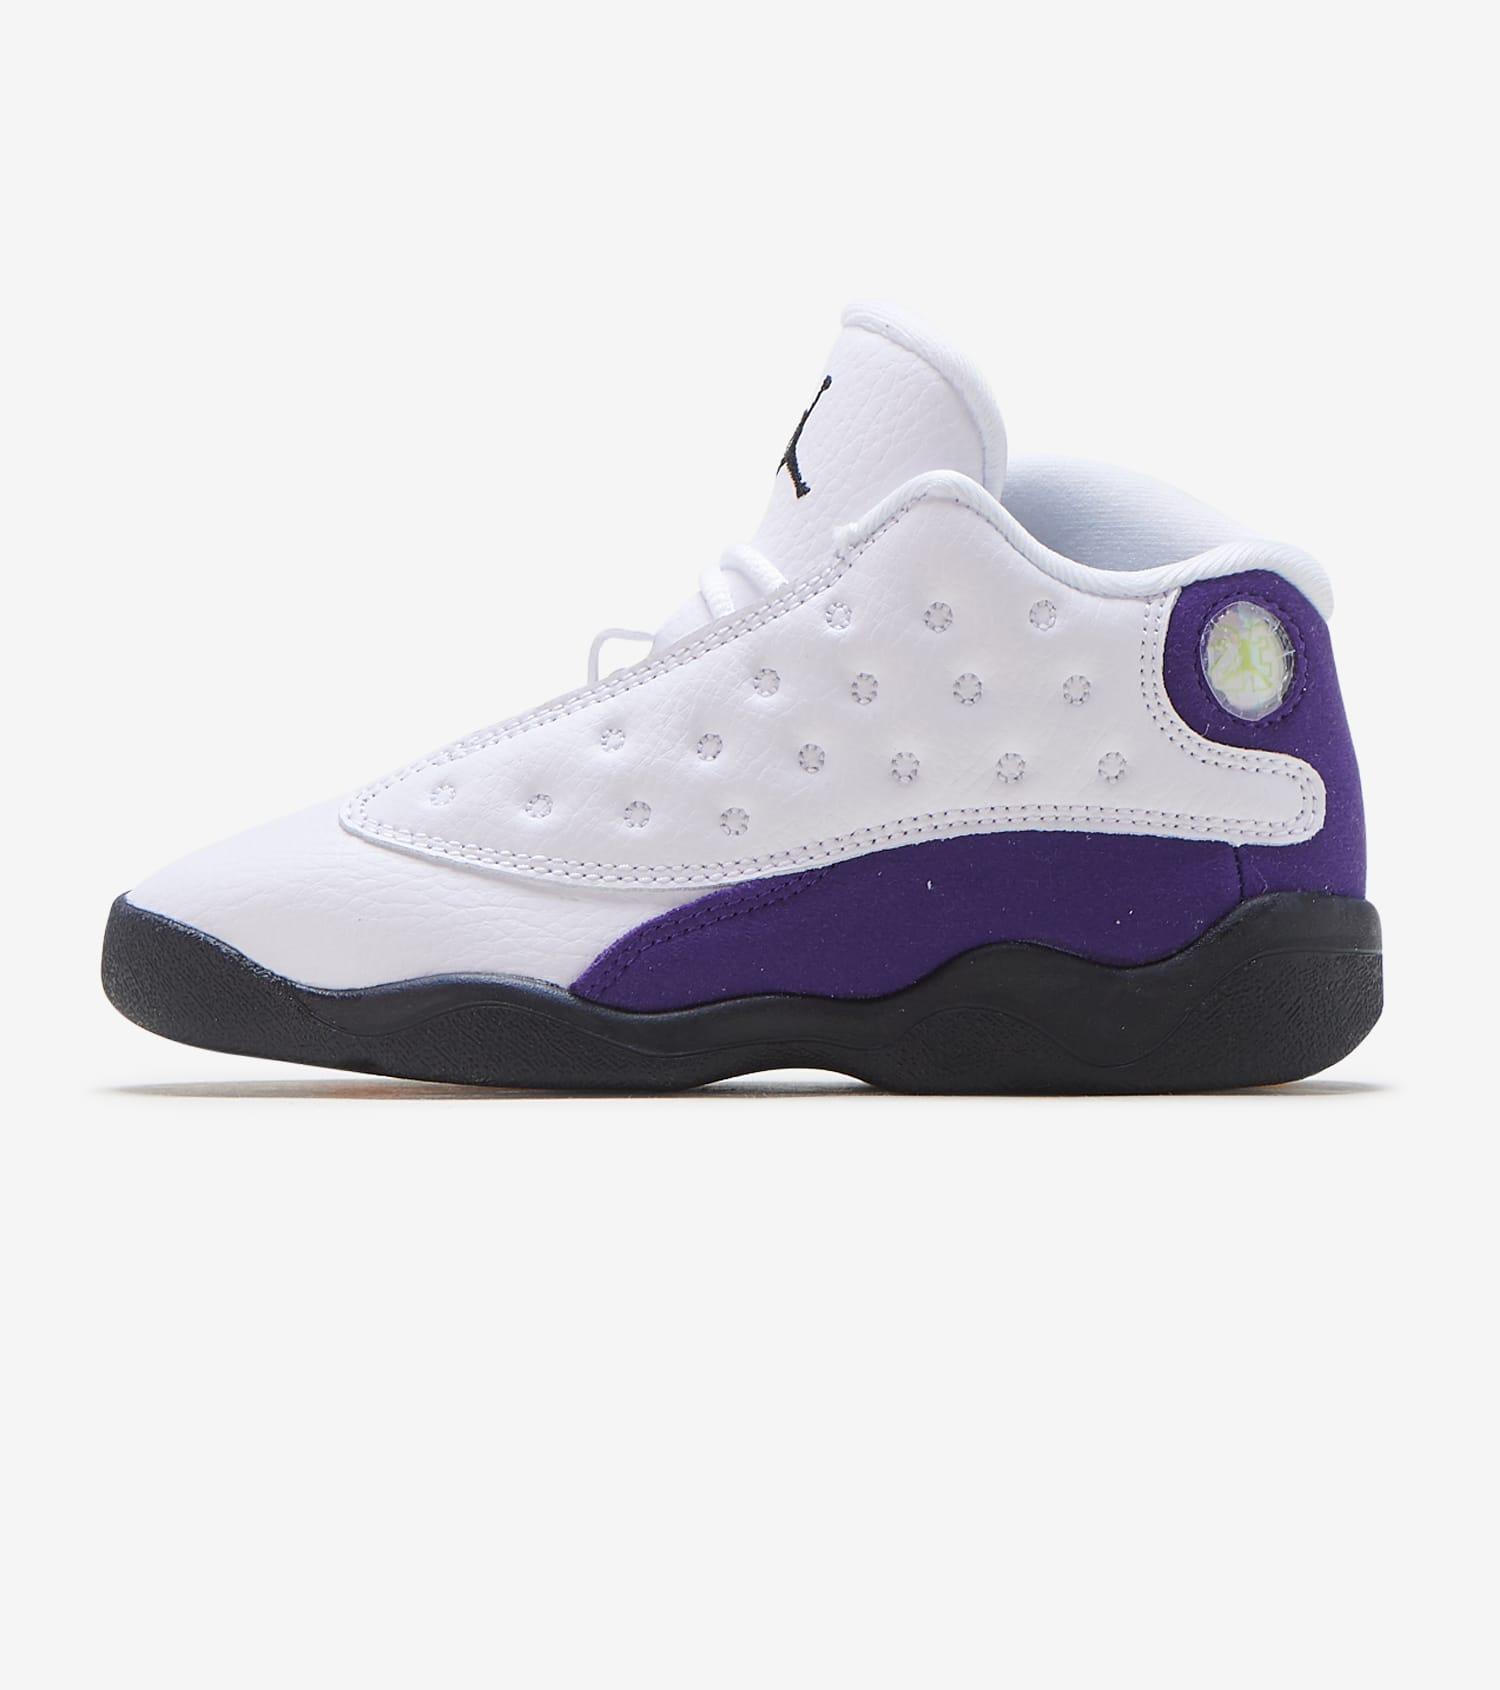 retro air jordan sneakers